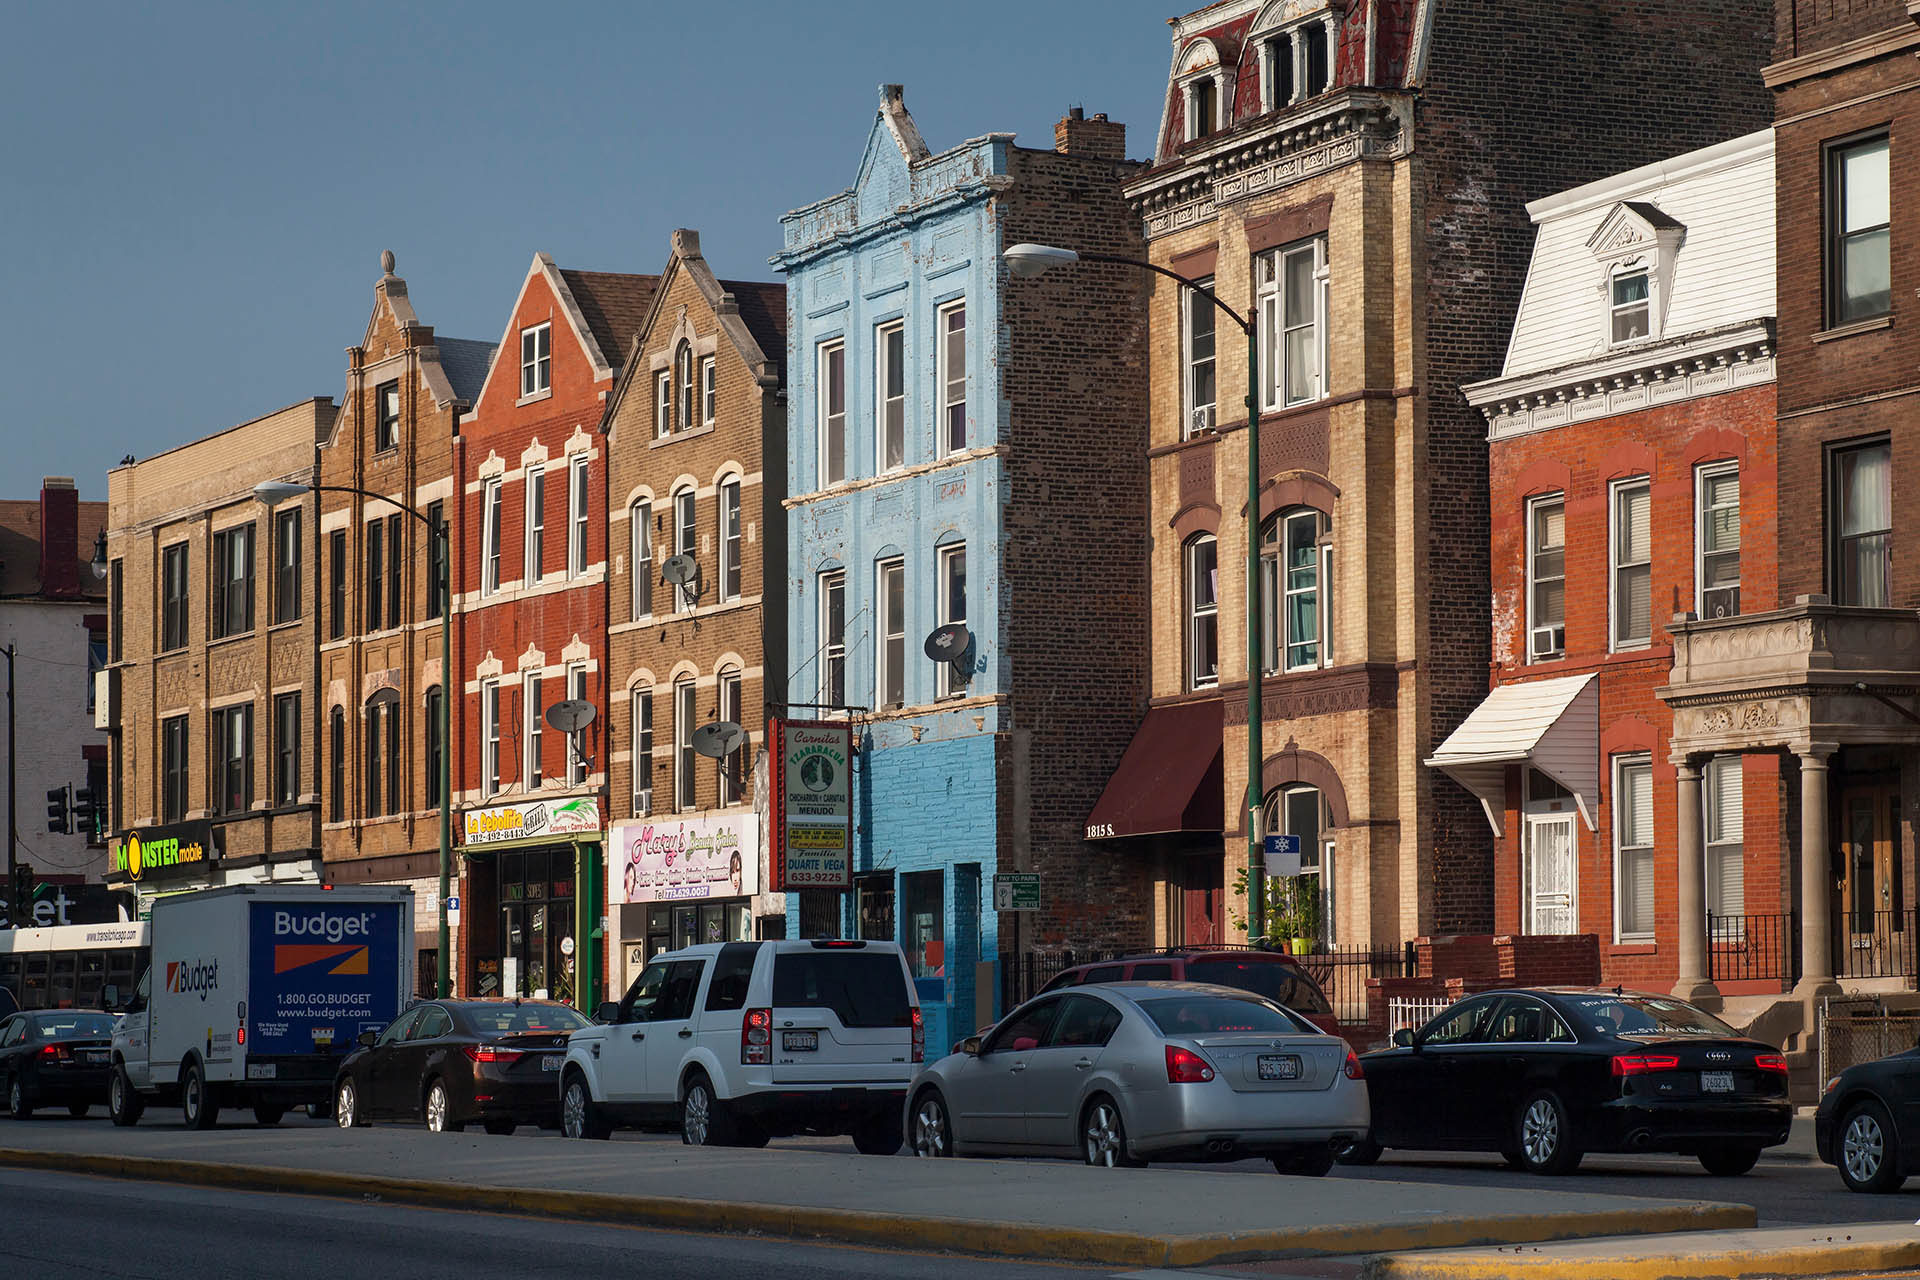 Decorado con murales distintivos de una vibrante escena de arte callejero, Pilsen bien podría ser el vecindario más reconocible de Chicago